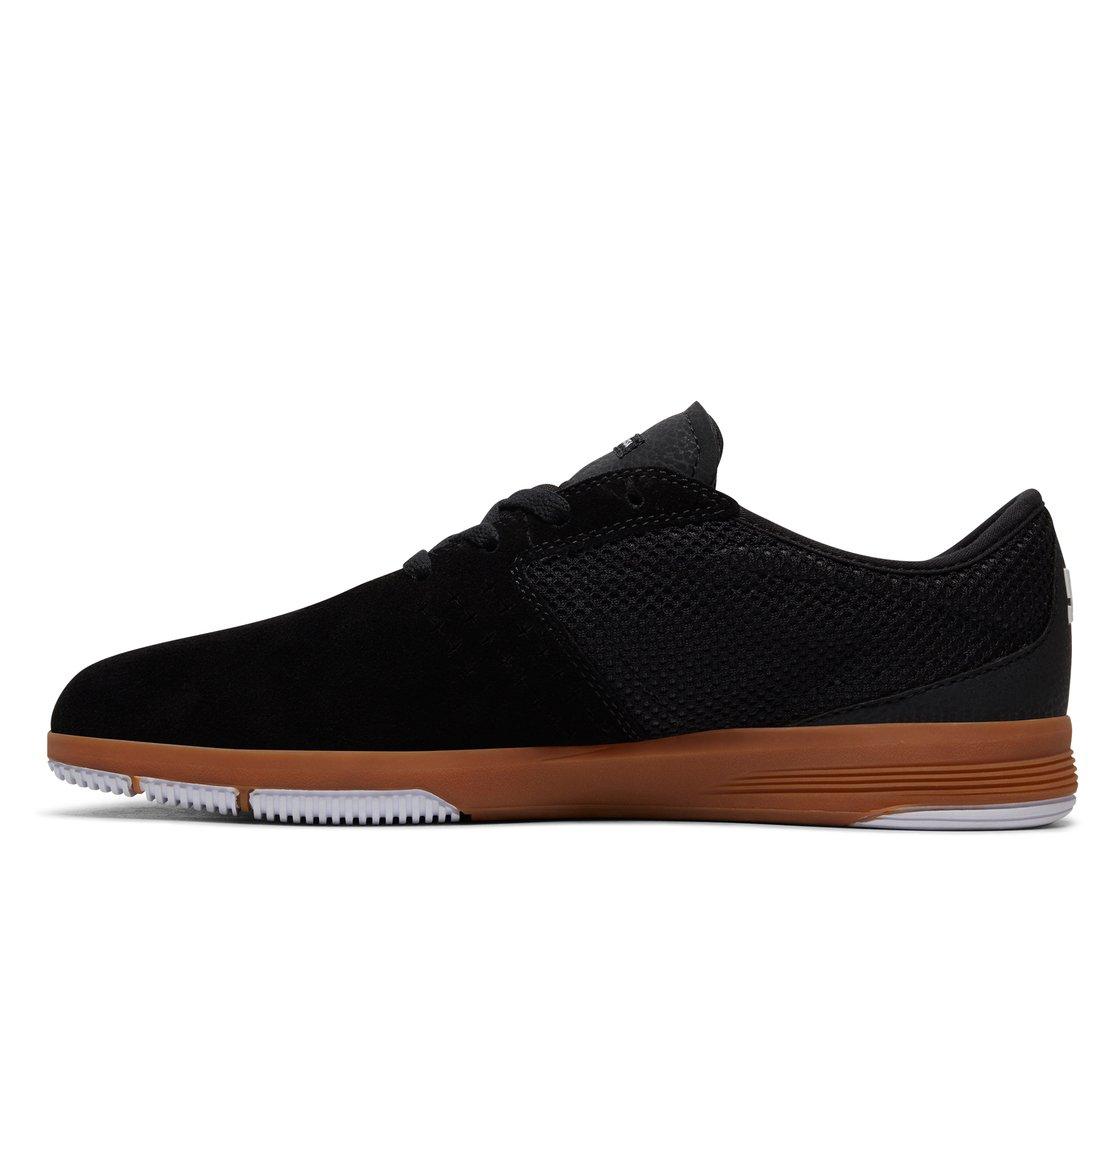 Dc Shoes New Jack S M Shoe Bg3, Man, Color: Black/gold, Size: 41 Eu (8.5 Us / 7.5 Uk)